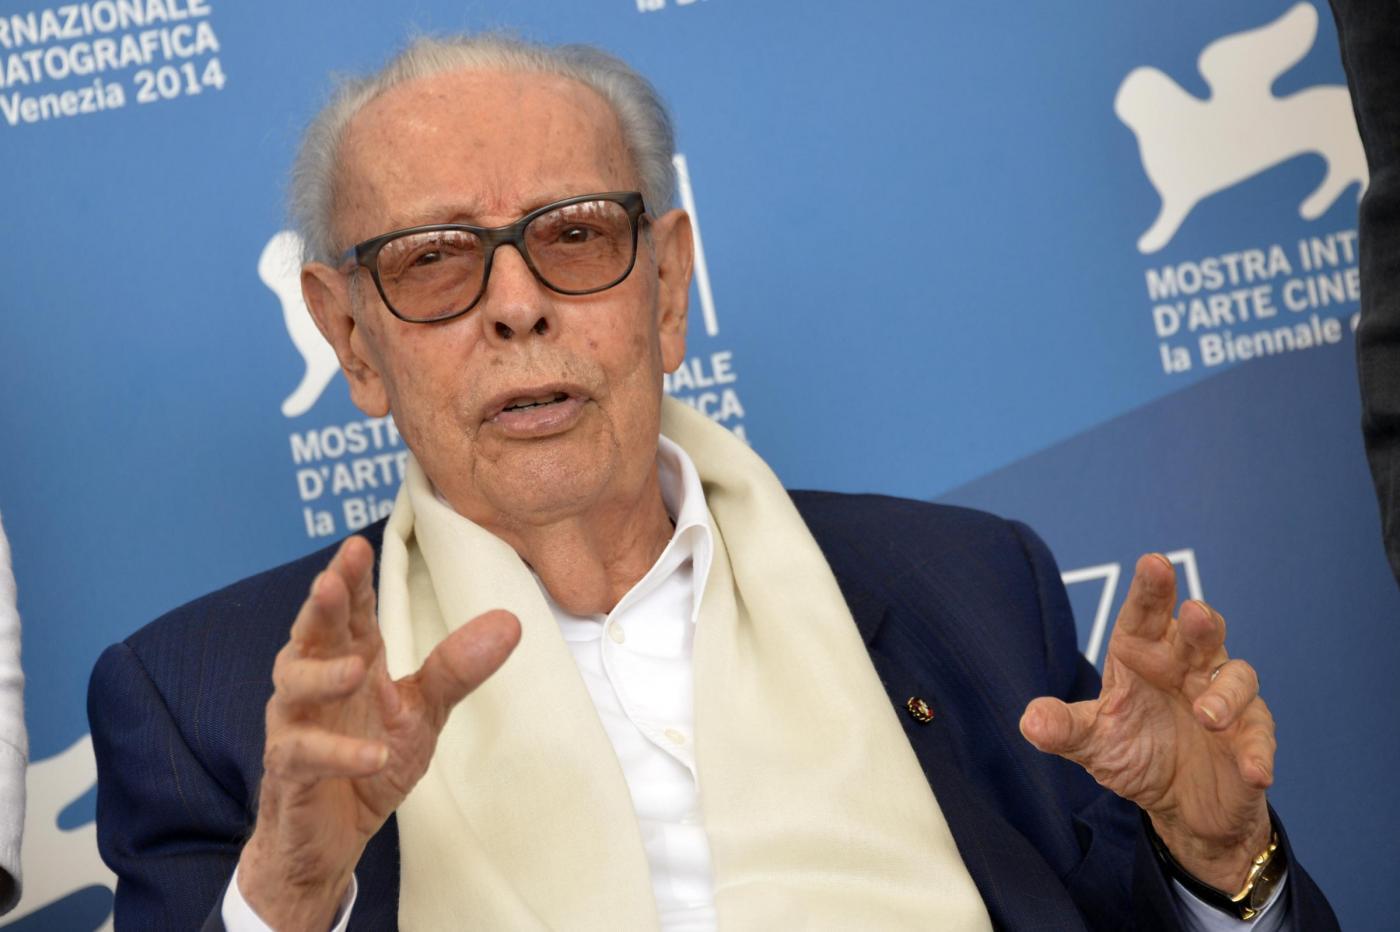 Morto Gian Luigi Rondi: il critico cinematografico aveva 94 anni